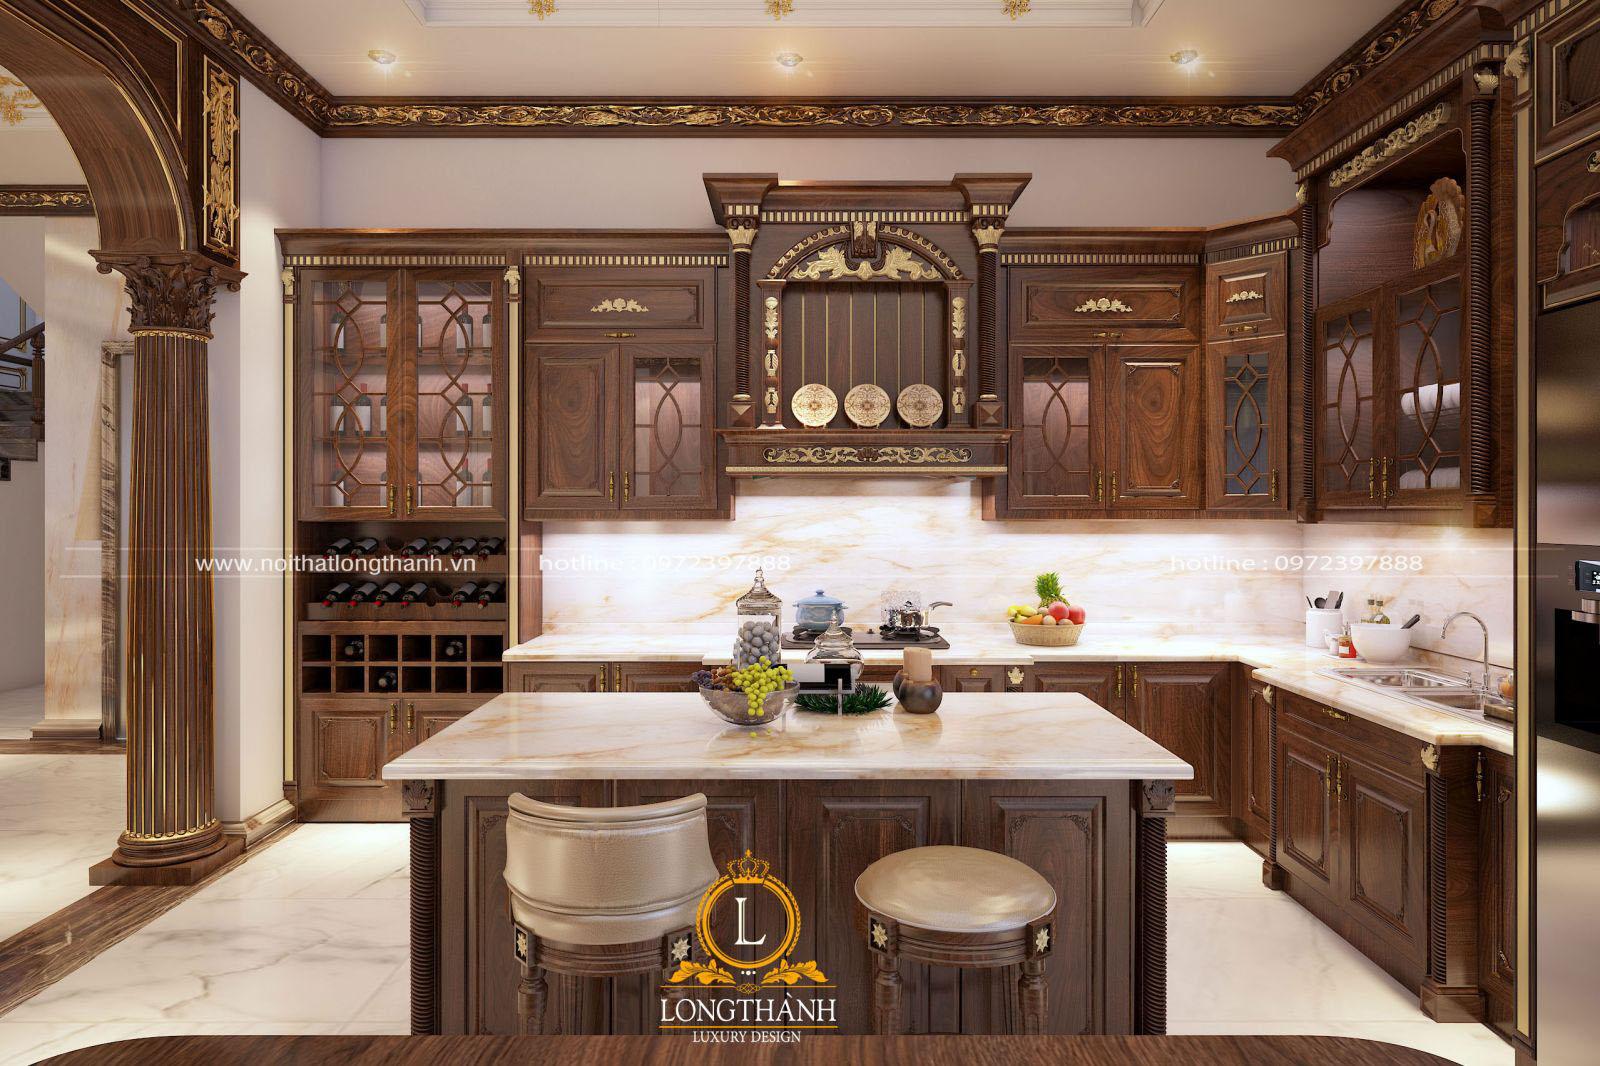 Tủ bếp mang lại sự tiện lợi cùng với vẻ đẹp cho không gian phòng bếp